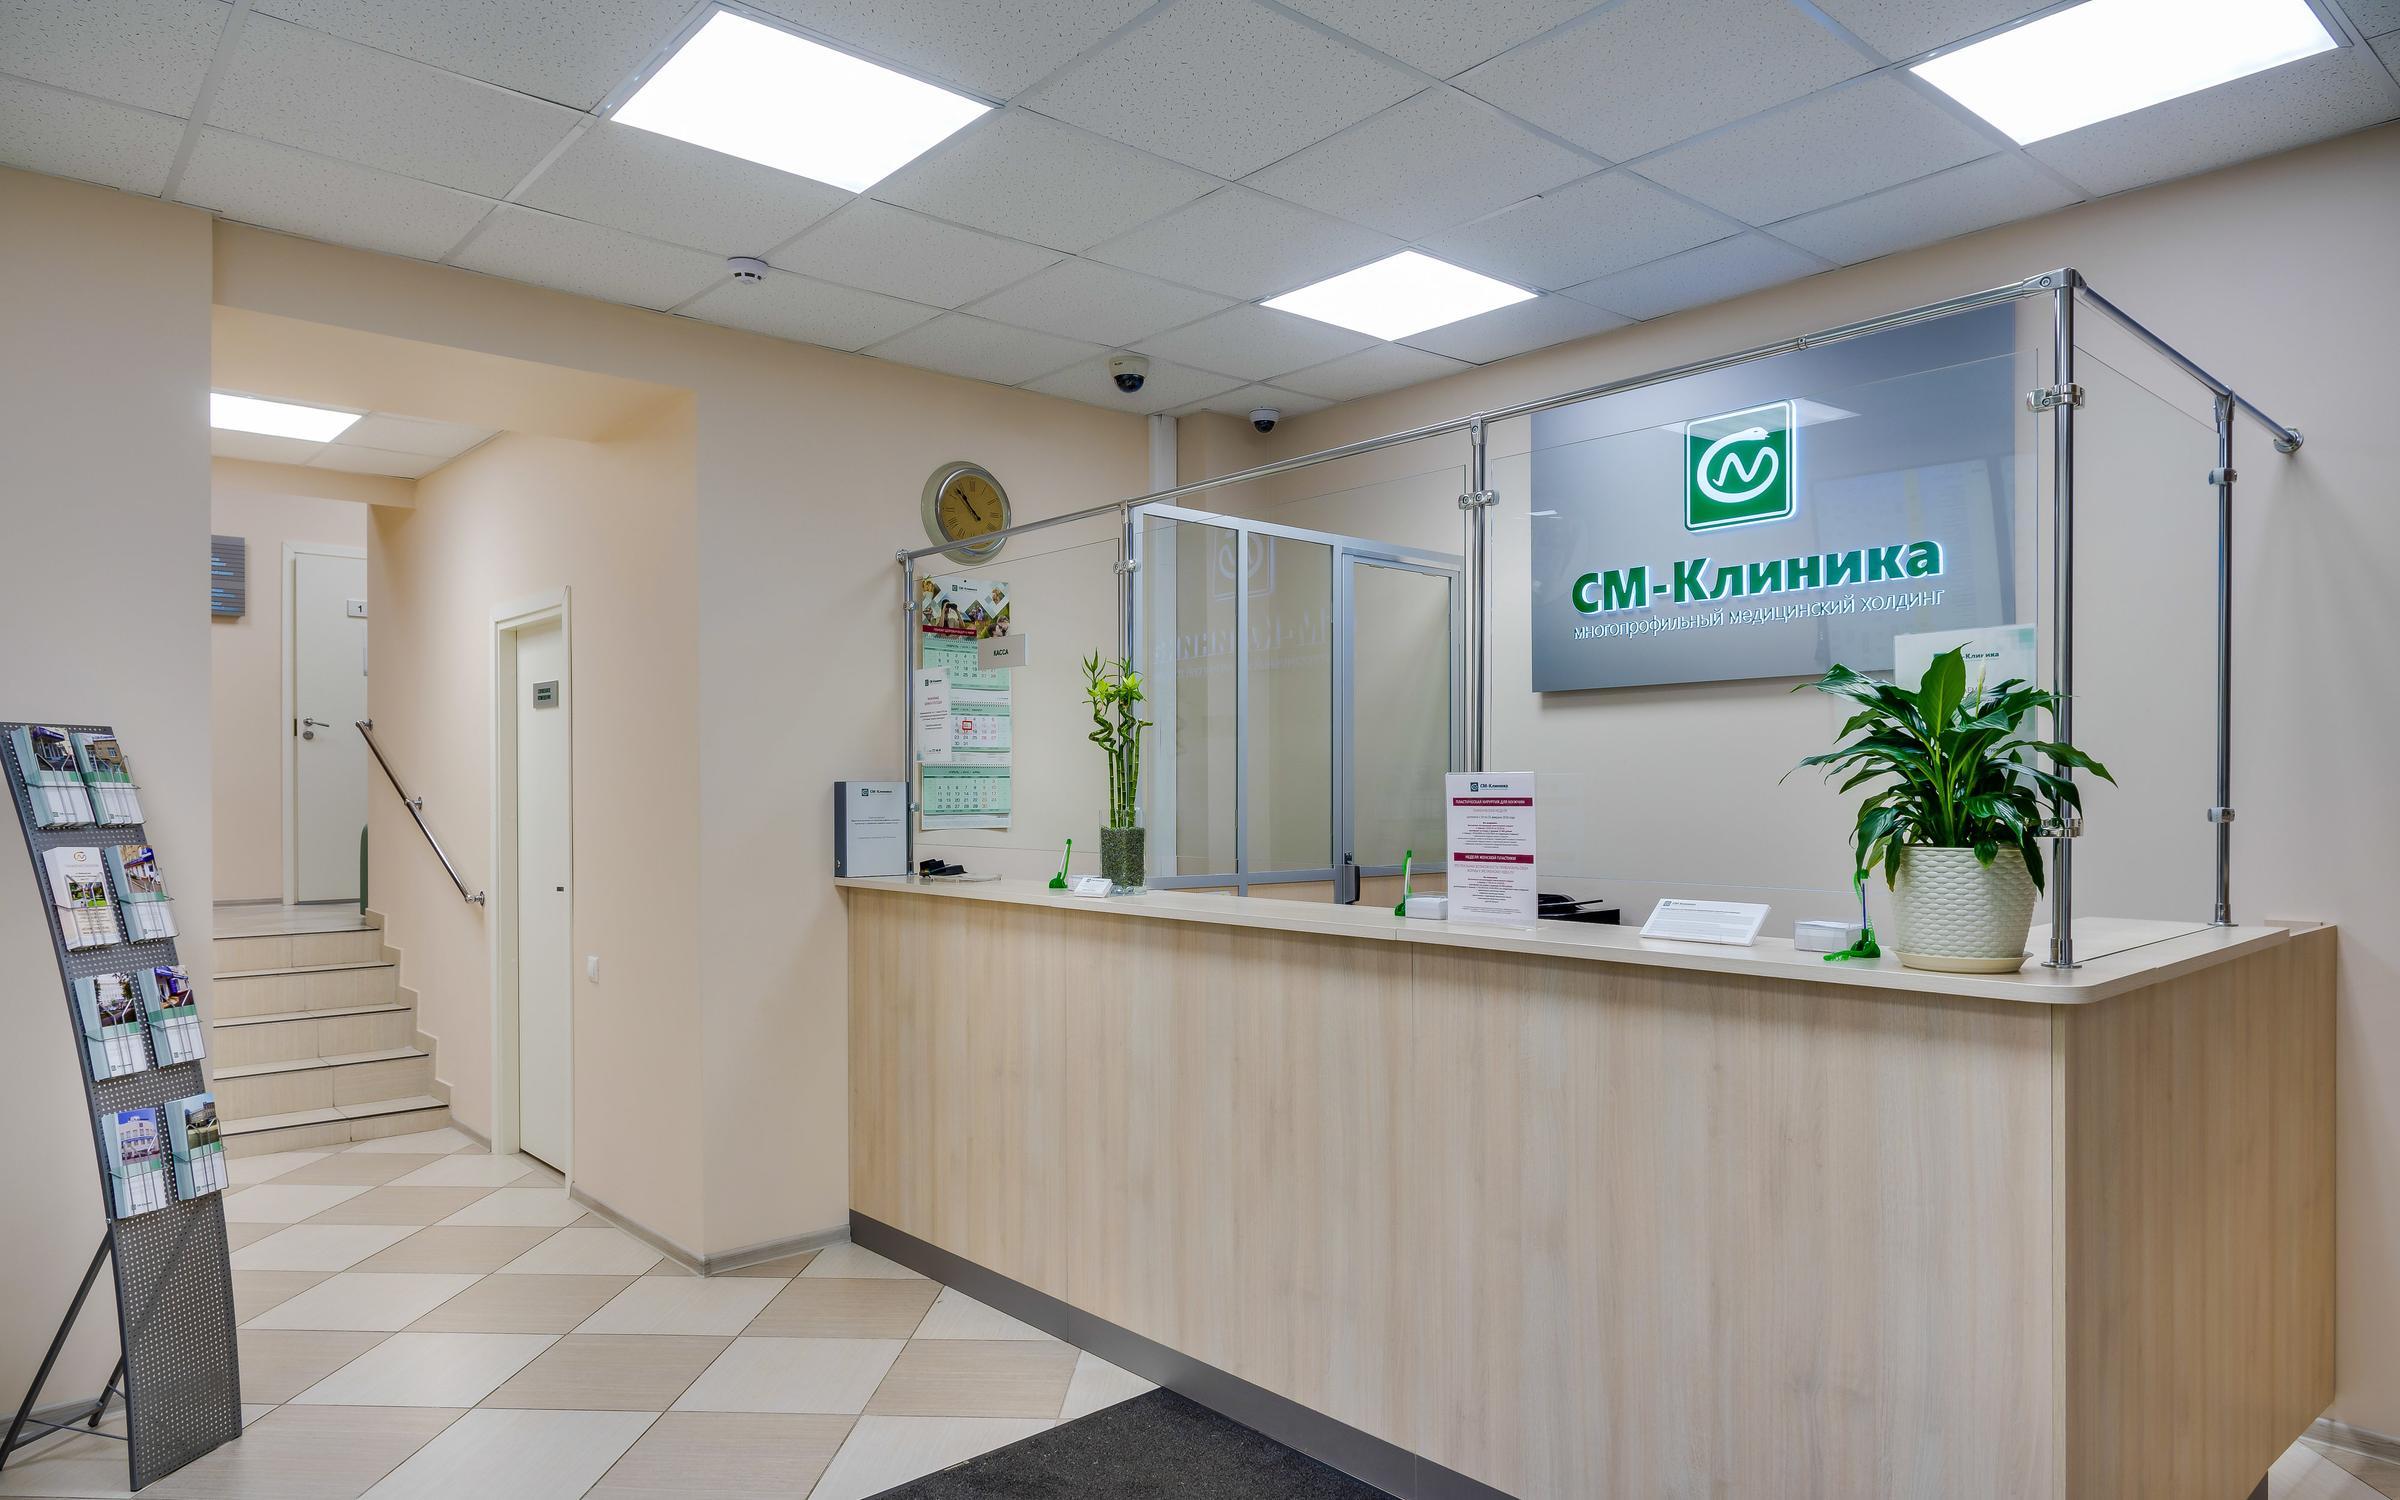 фотография Многопрофильного центра СМ-Клиника на Лесной улице